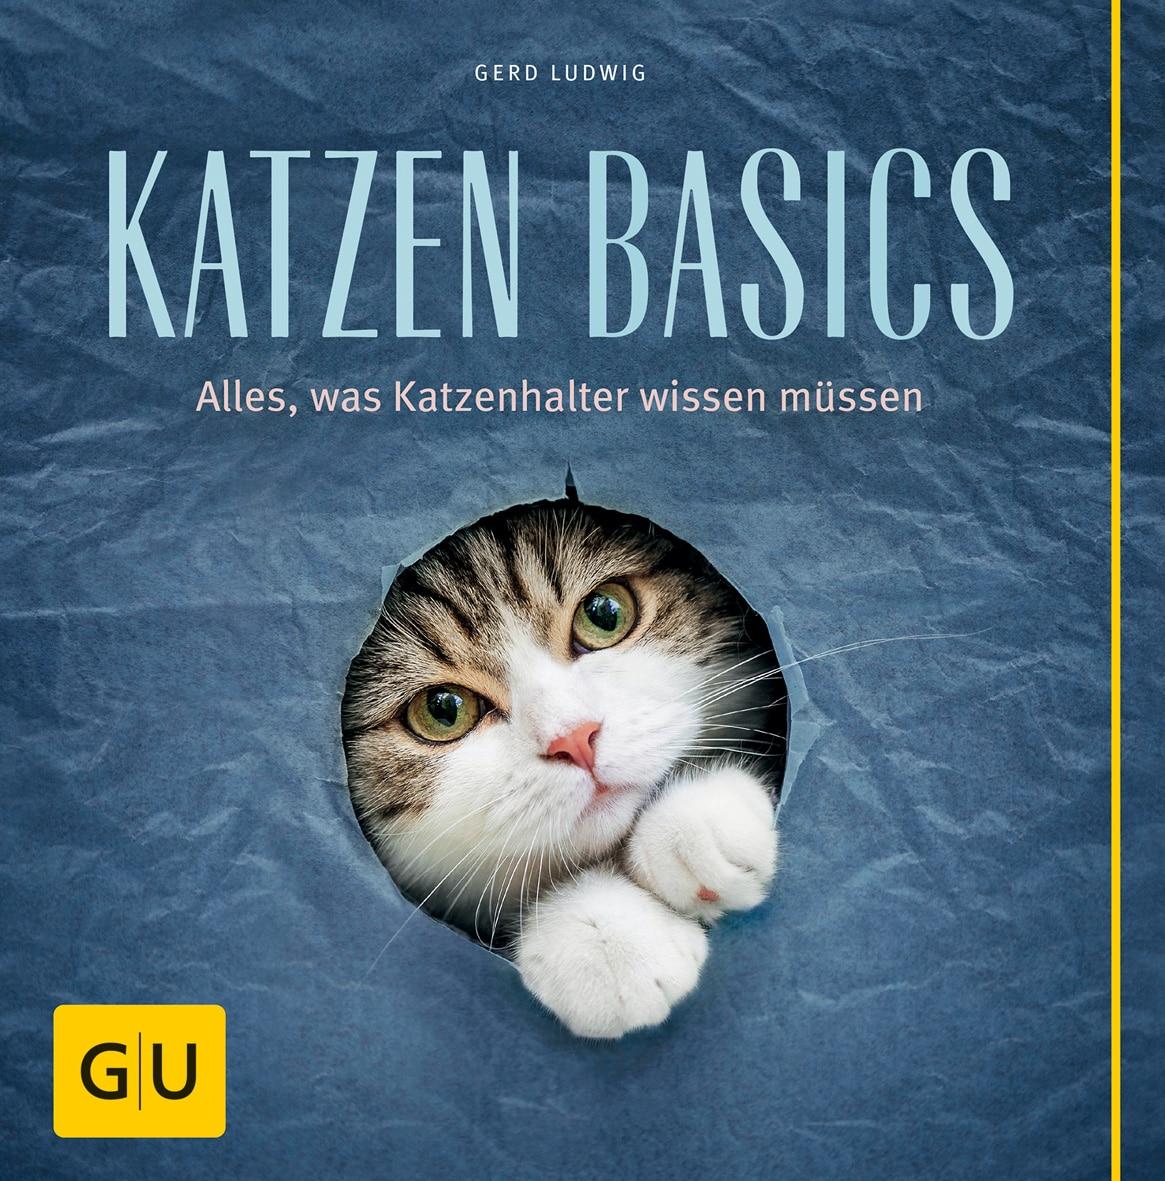 Katzen-Basics [Gerd Ludwig]